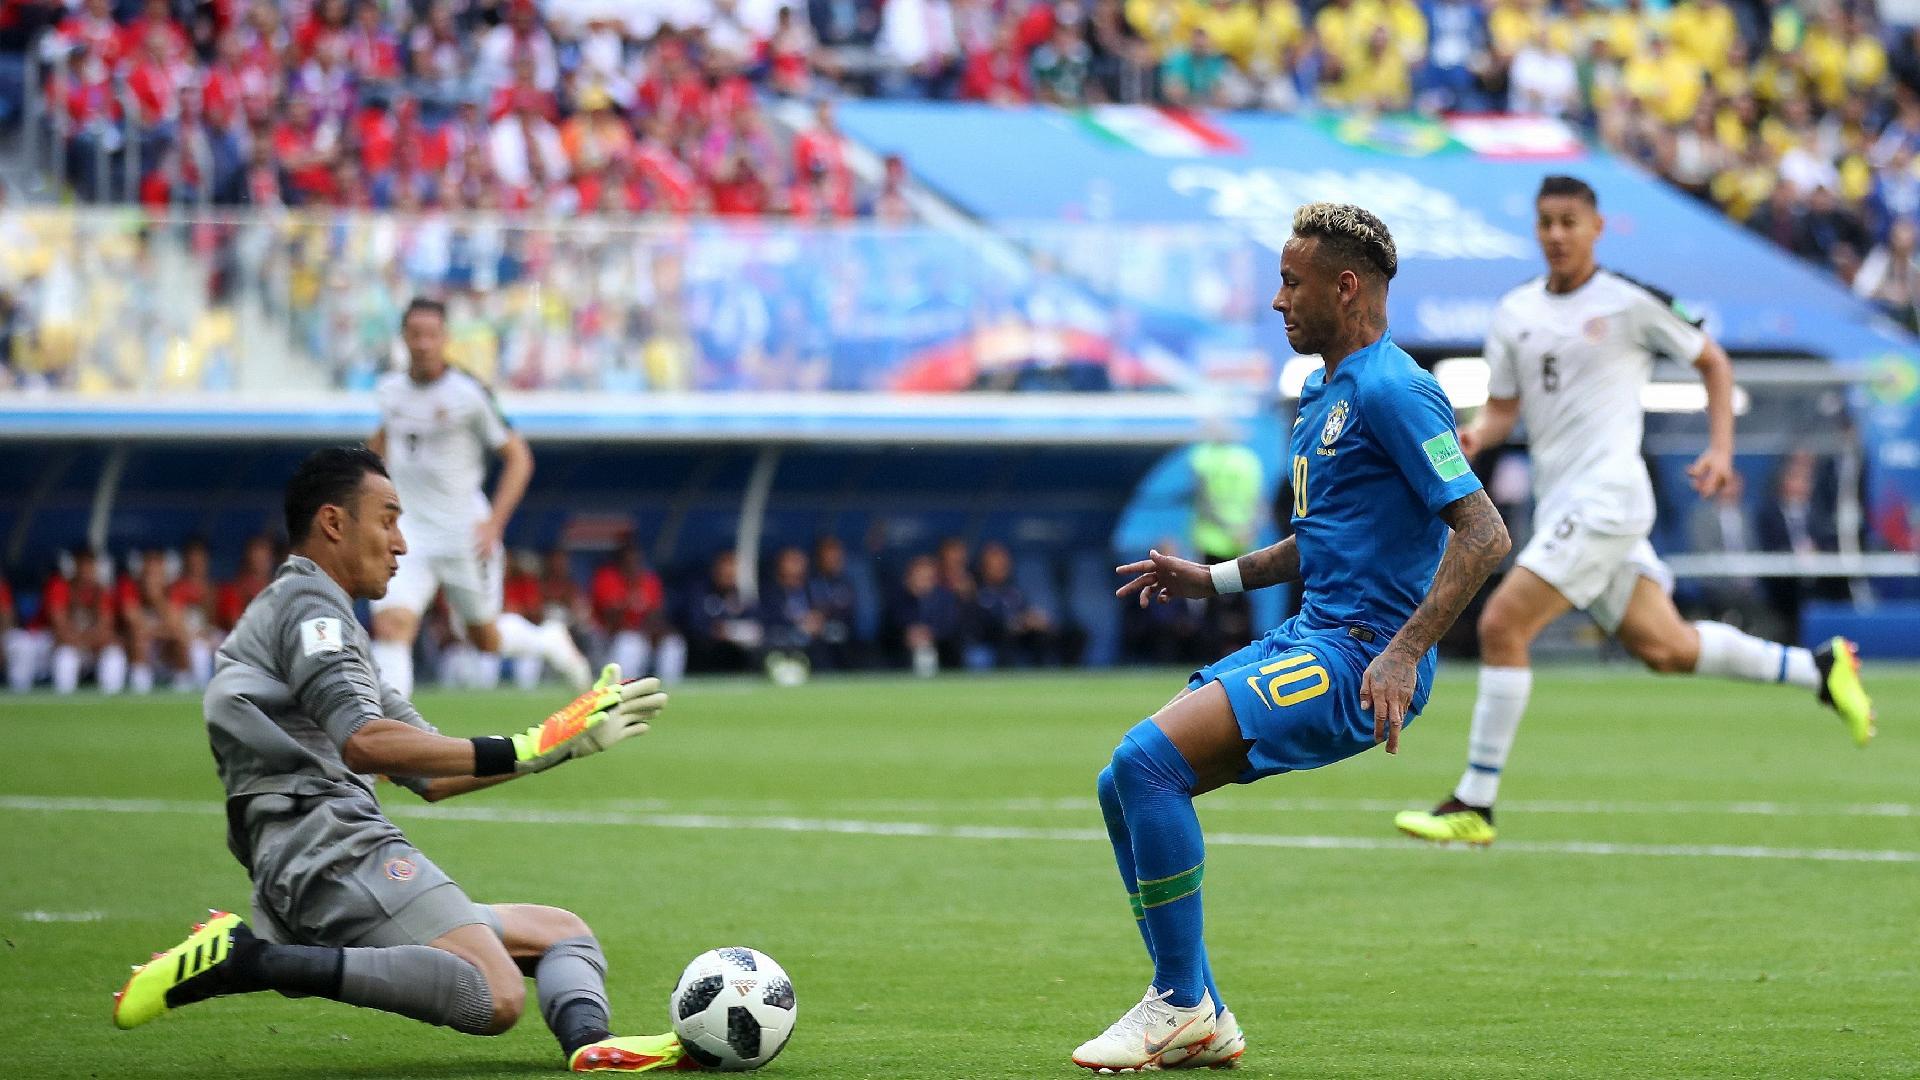 Keylor Navas sai e impede finalização de Neymar